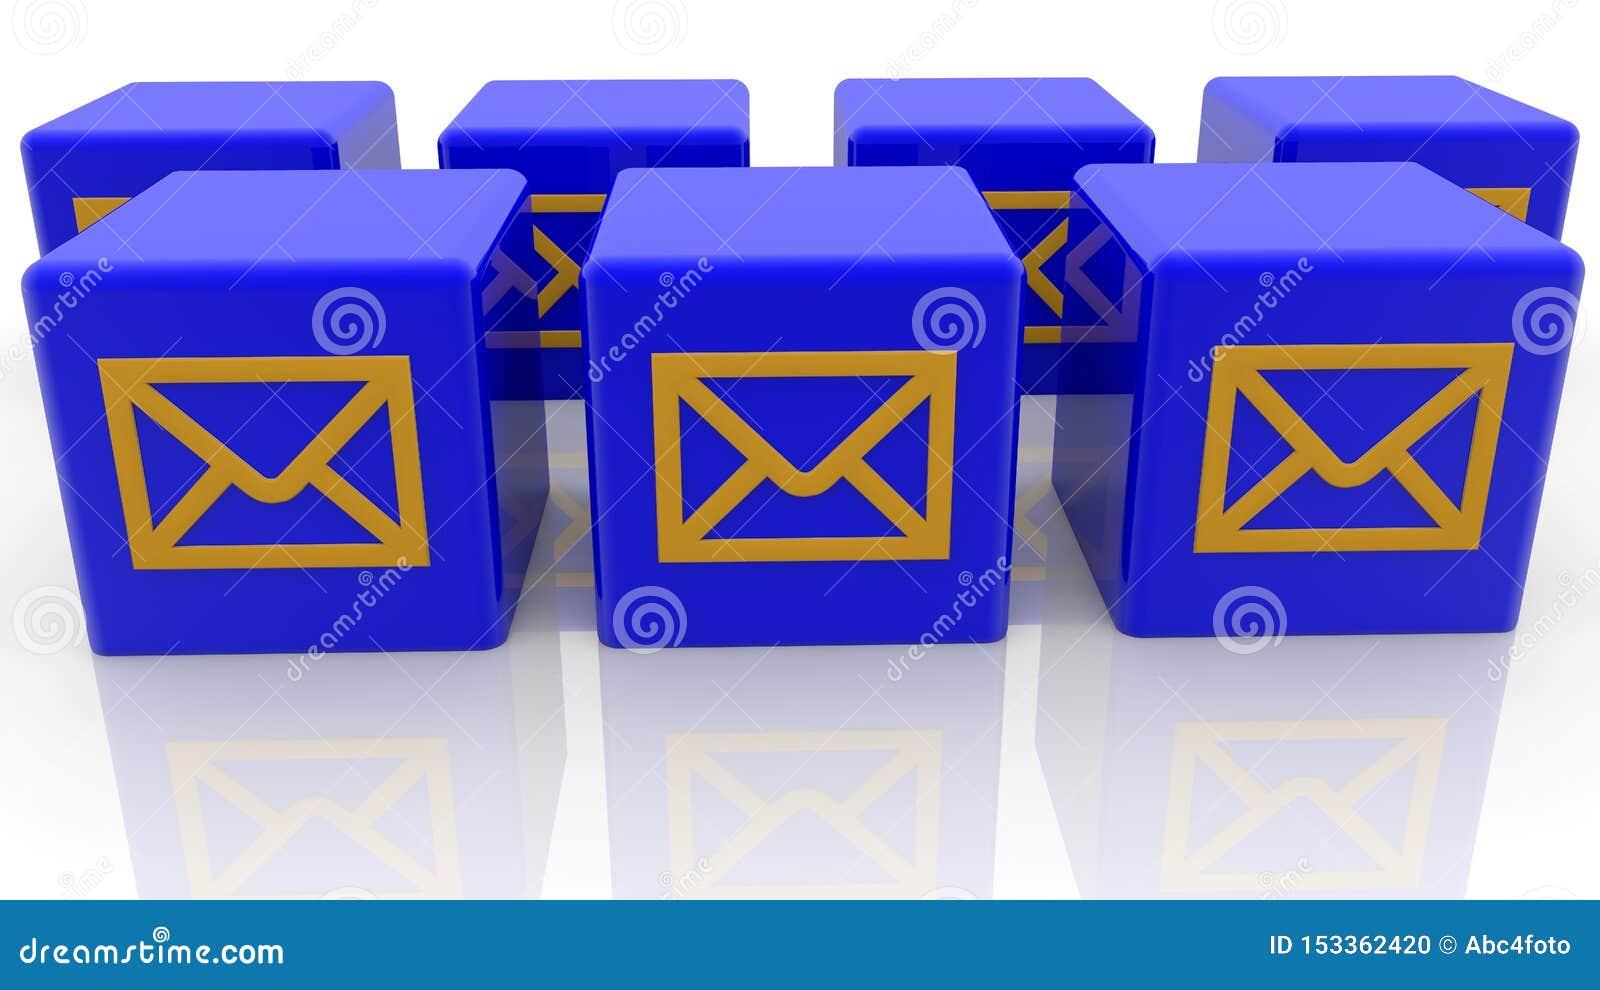 Conceito dos envelopes em cubos do brinquedo na cor azul